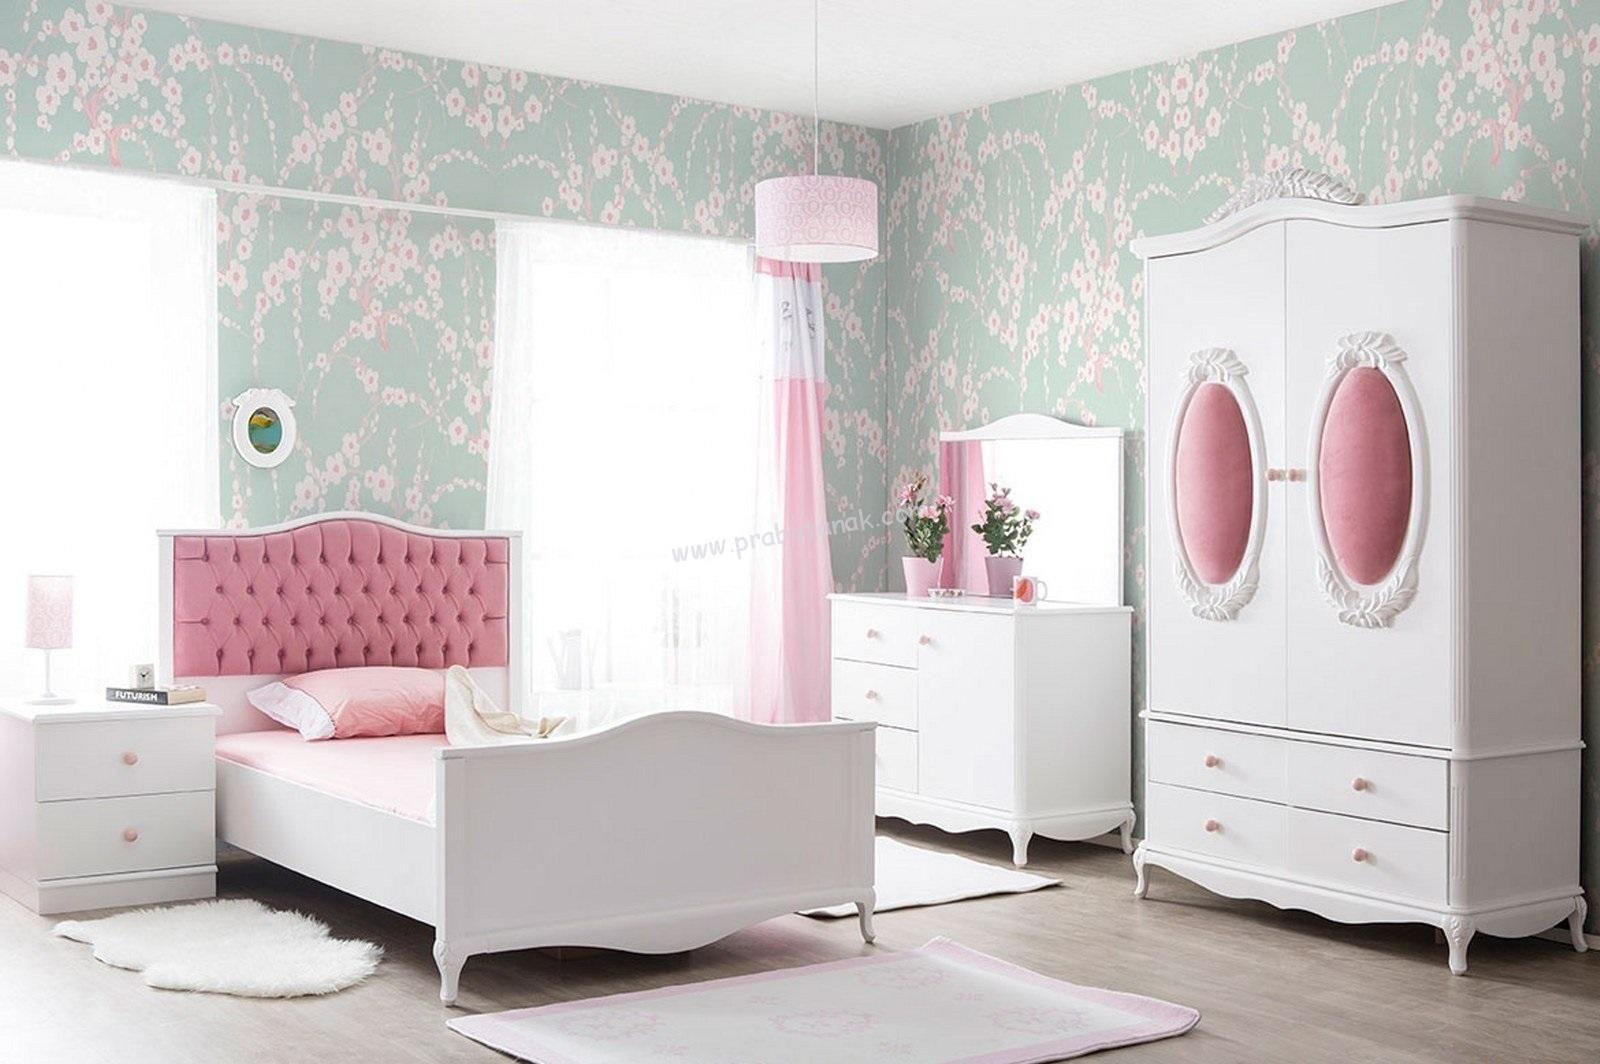 Tempat Tidur Anak Perempuan Murah White Pinky Kamar anak